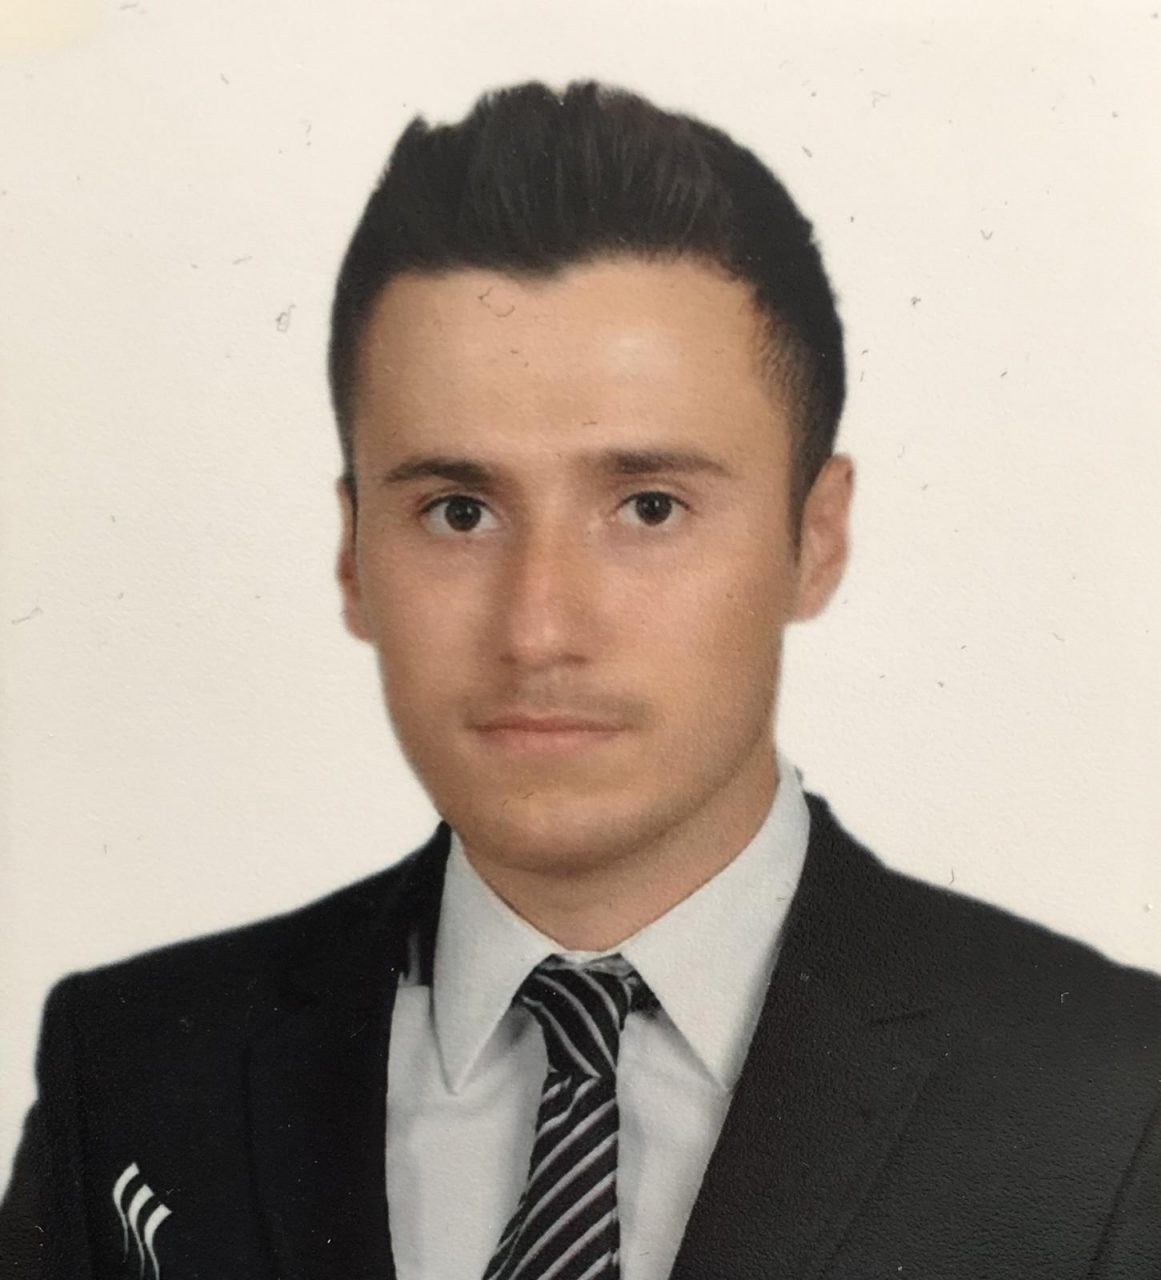 Ömer Faruk ARSLAN